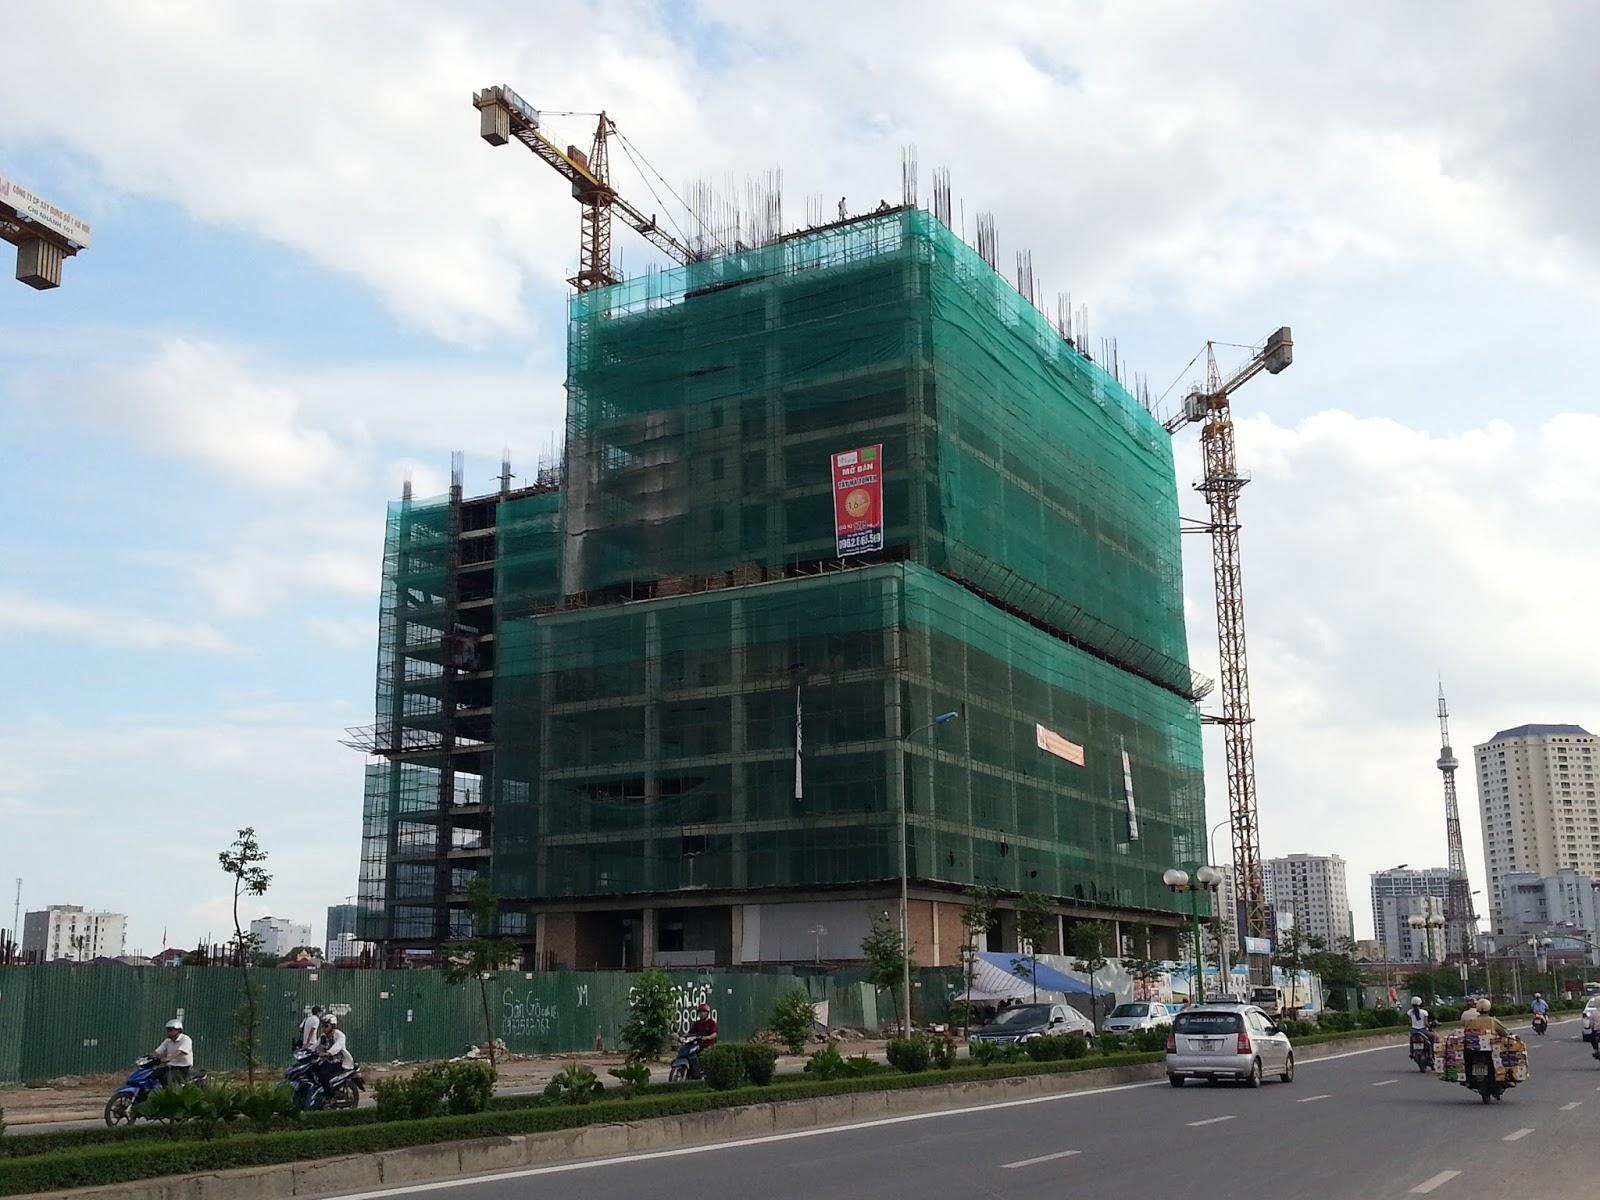 Danh sách các dự án chung cư đang bán tại Hà Nội năm 2016